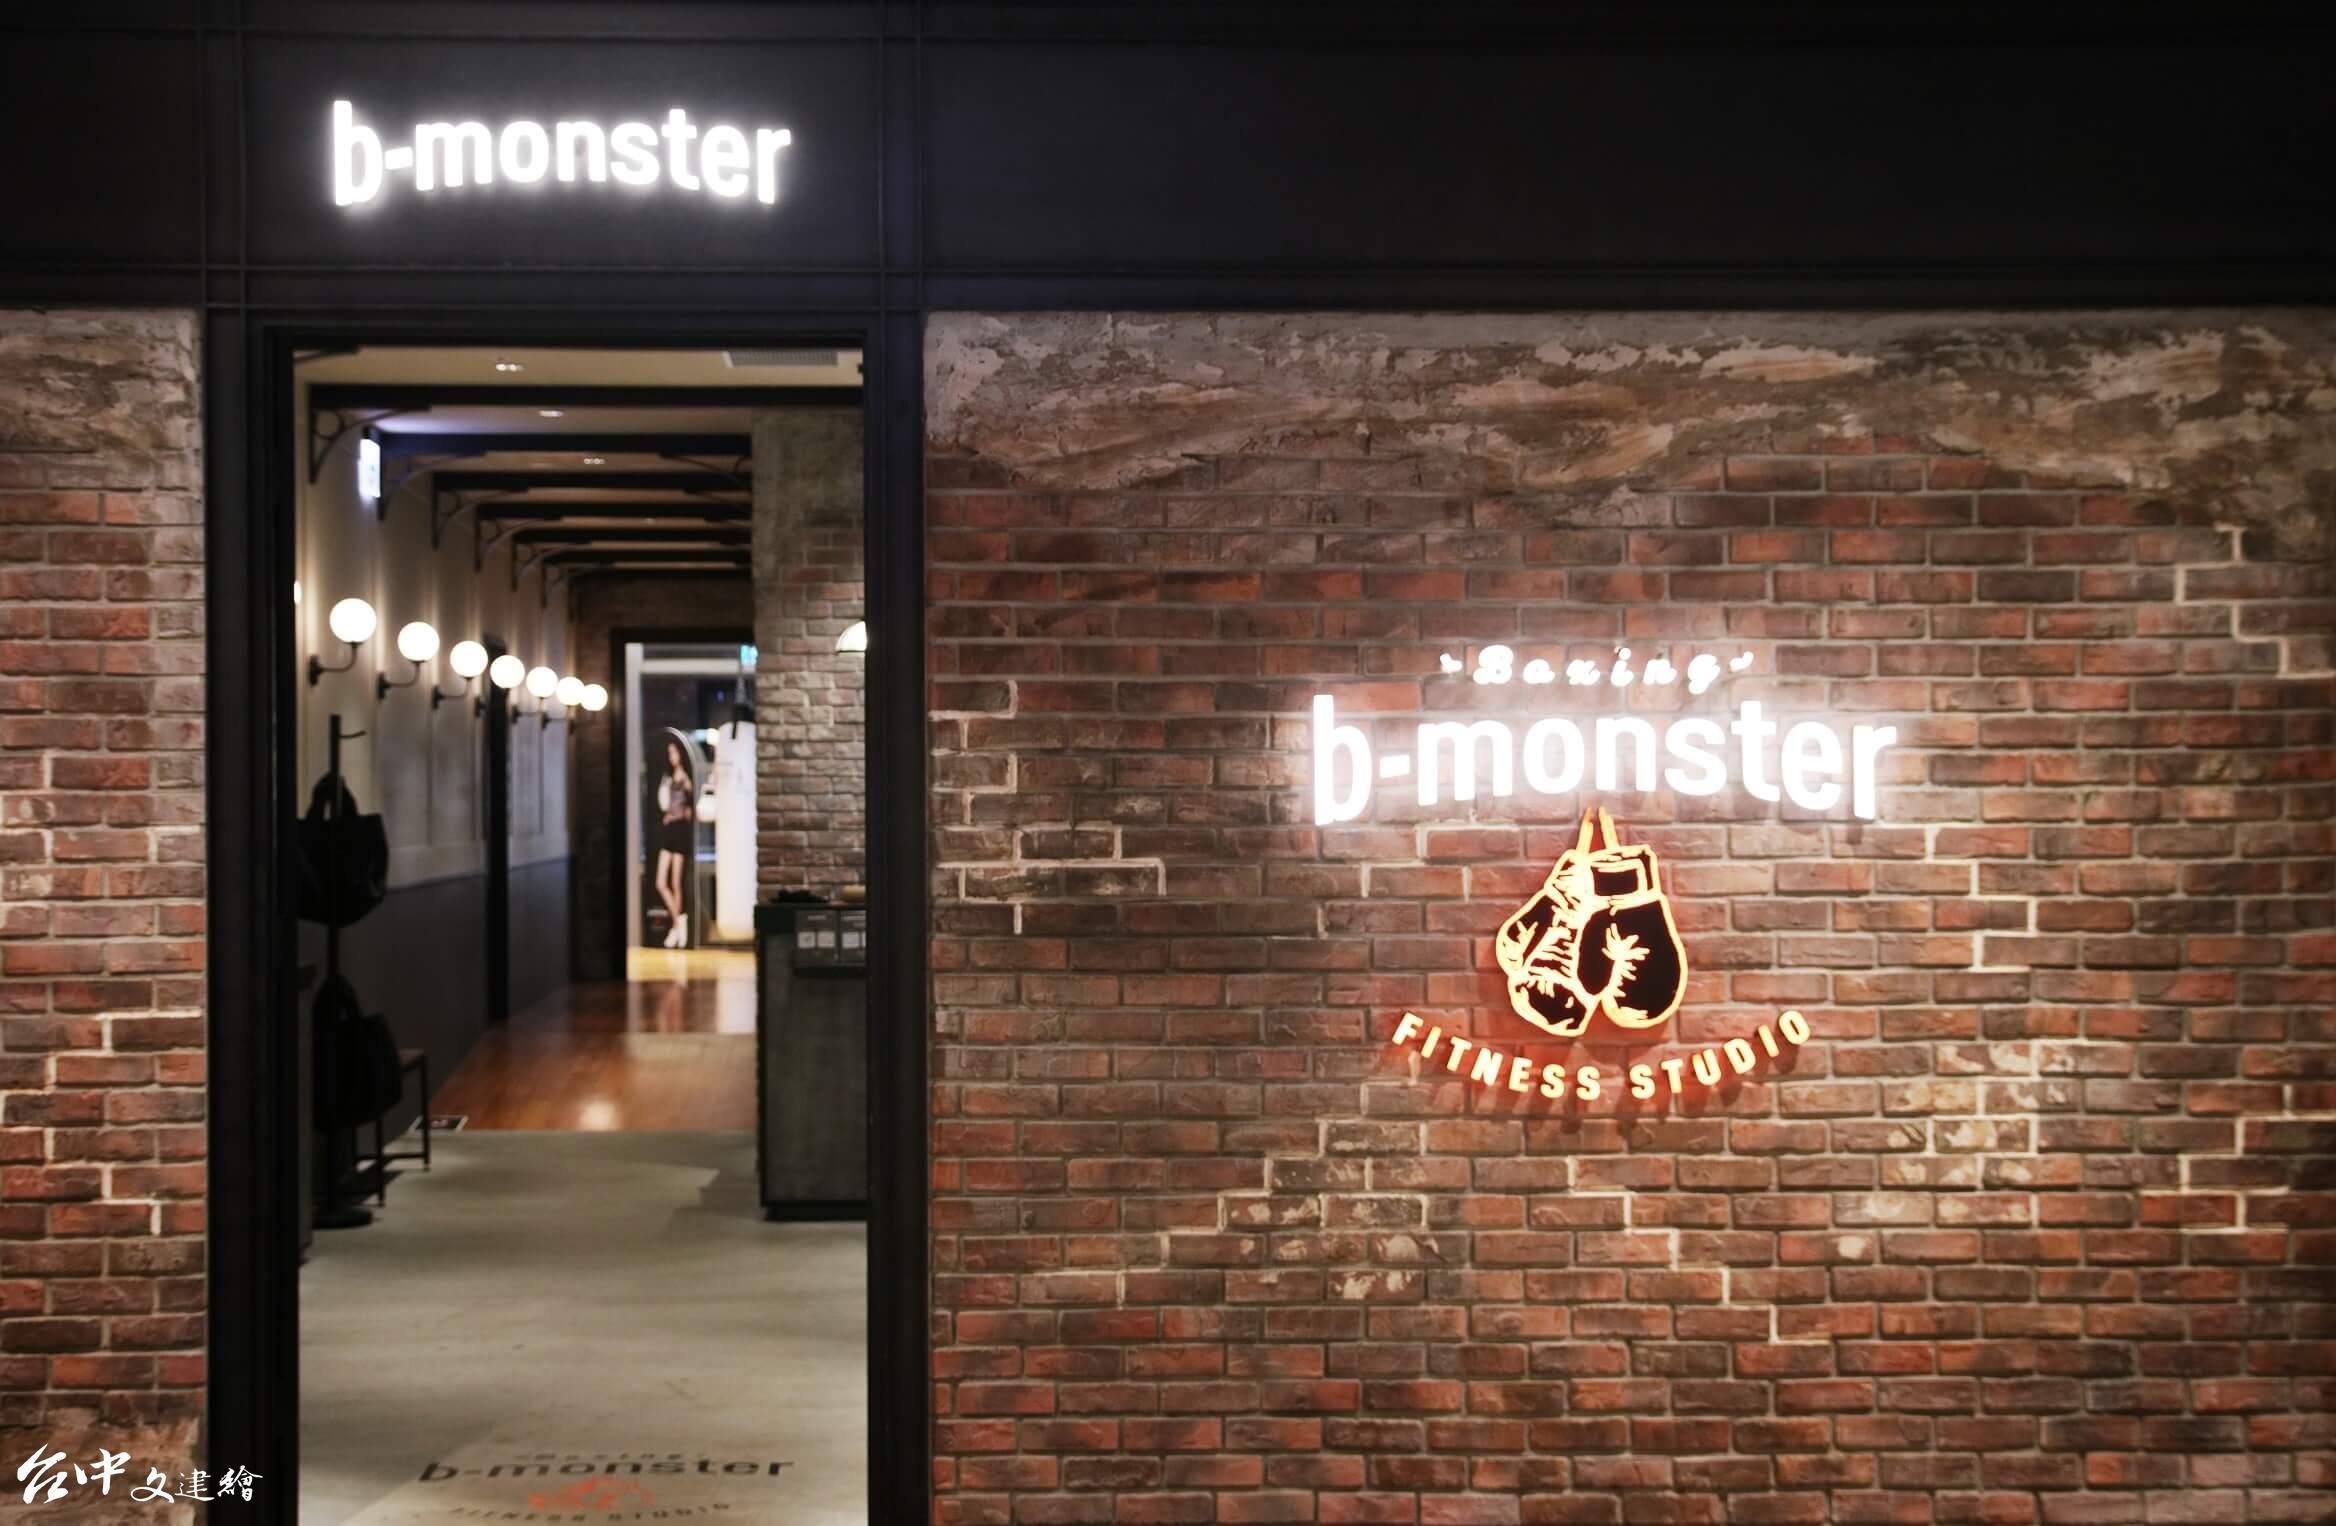 拳擊健身 b-monster 2019 年開幕(圖:業者提供)